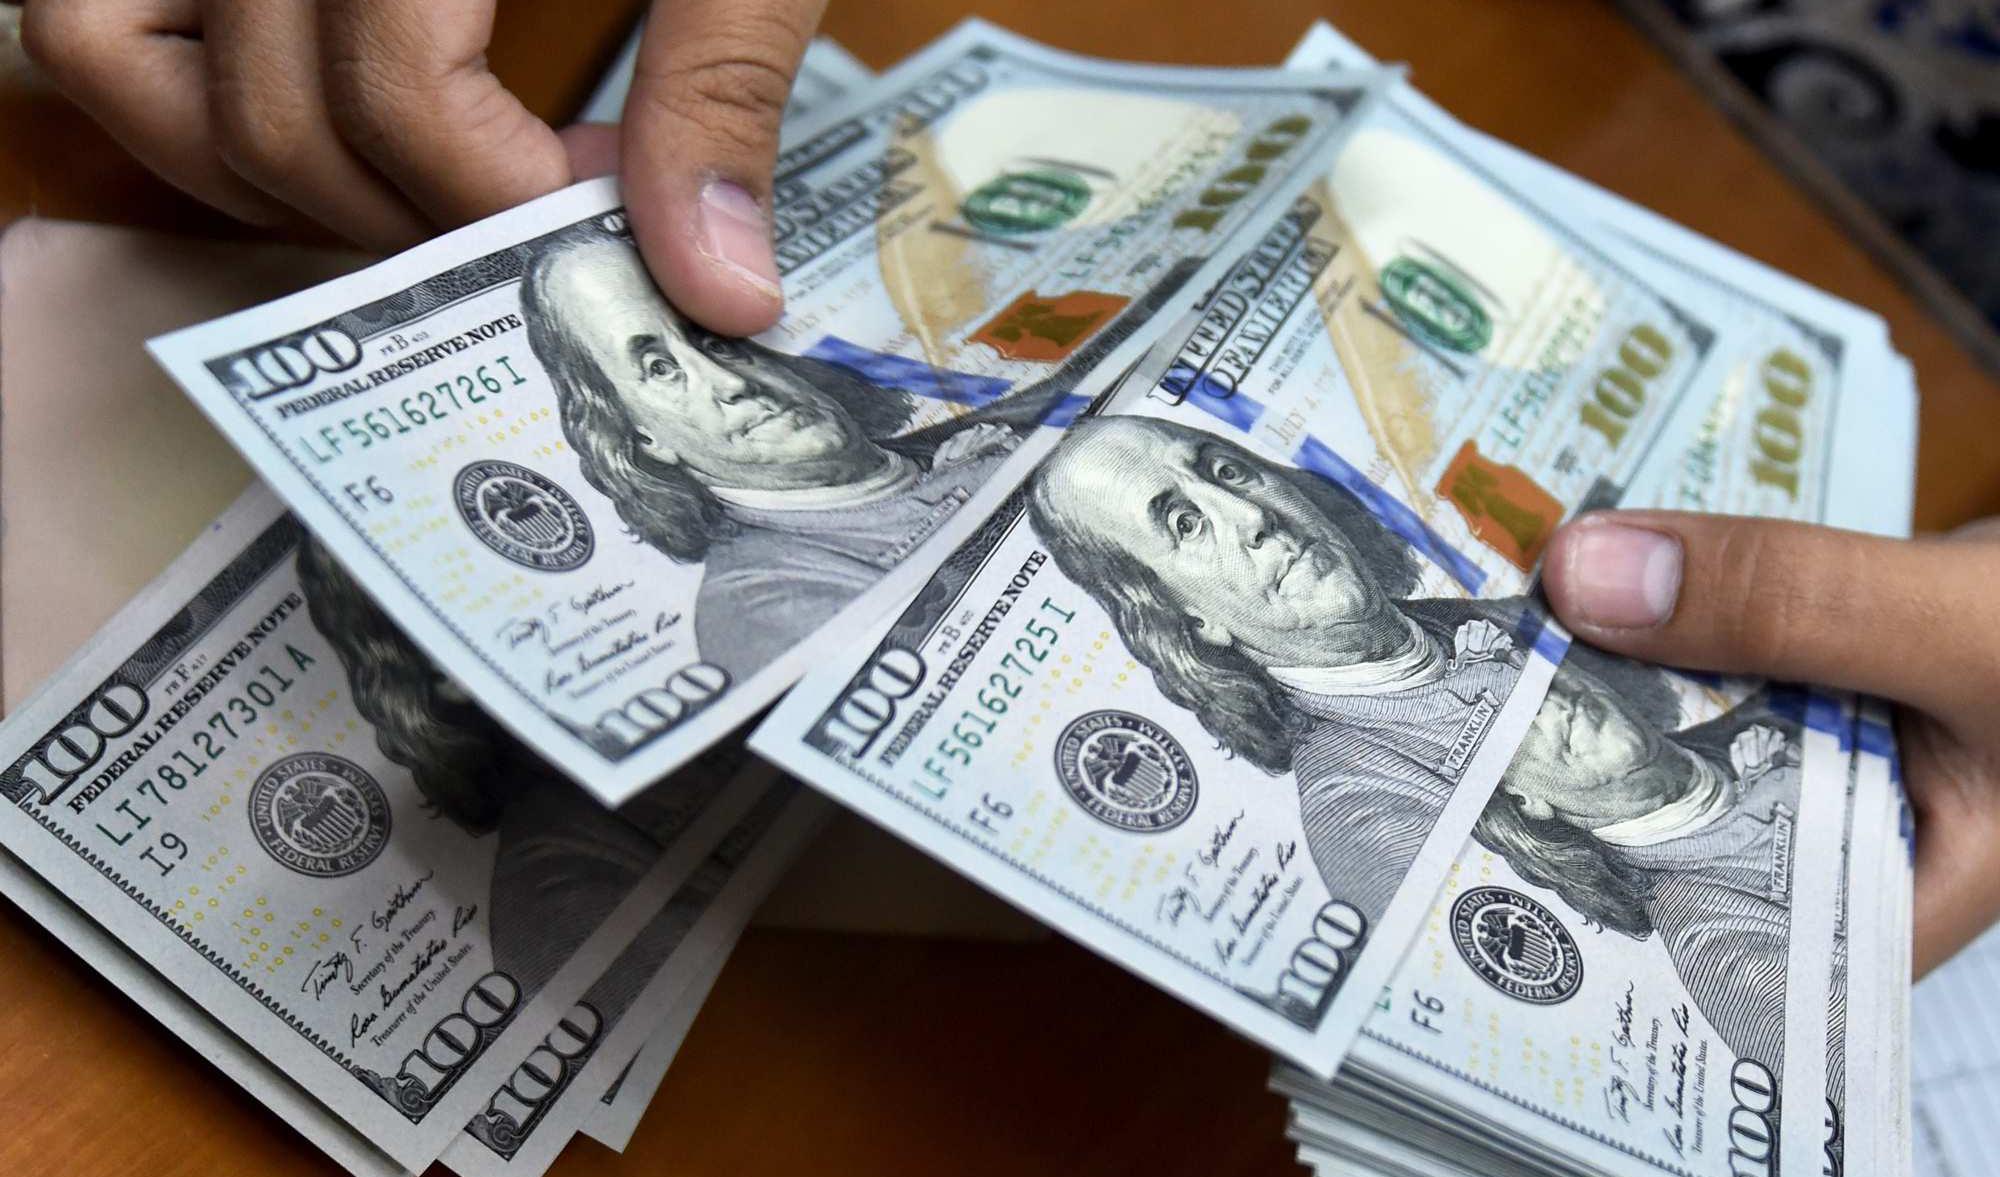 تغییر معادلات در بازار ارز / دلار در قیمت کمتر از بیست هزار تومان ماندگار است؟